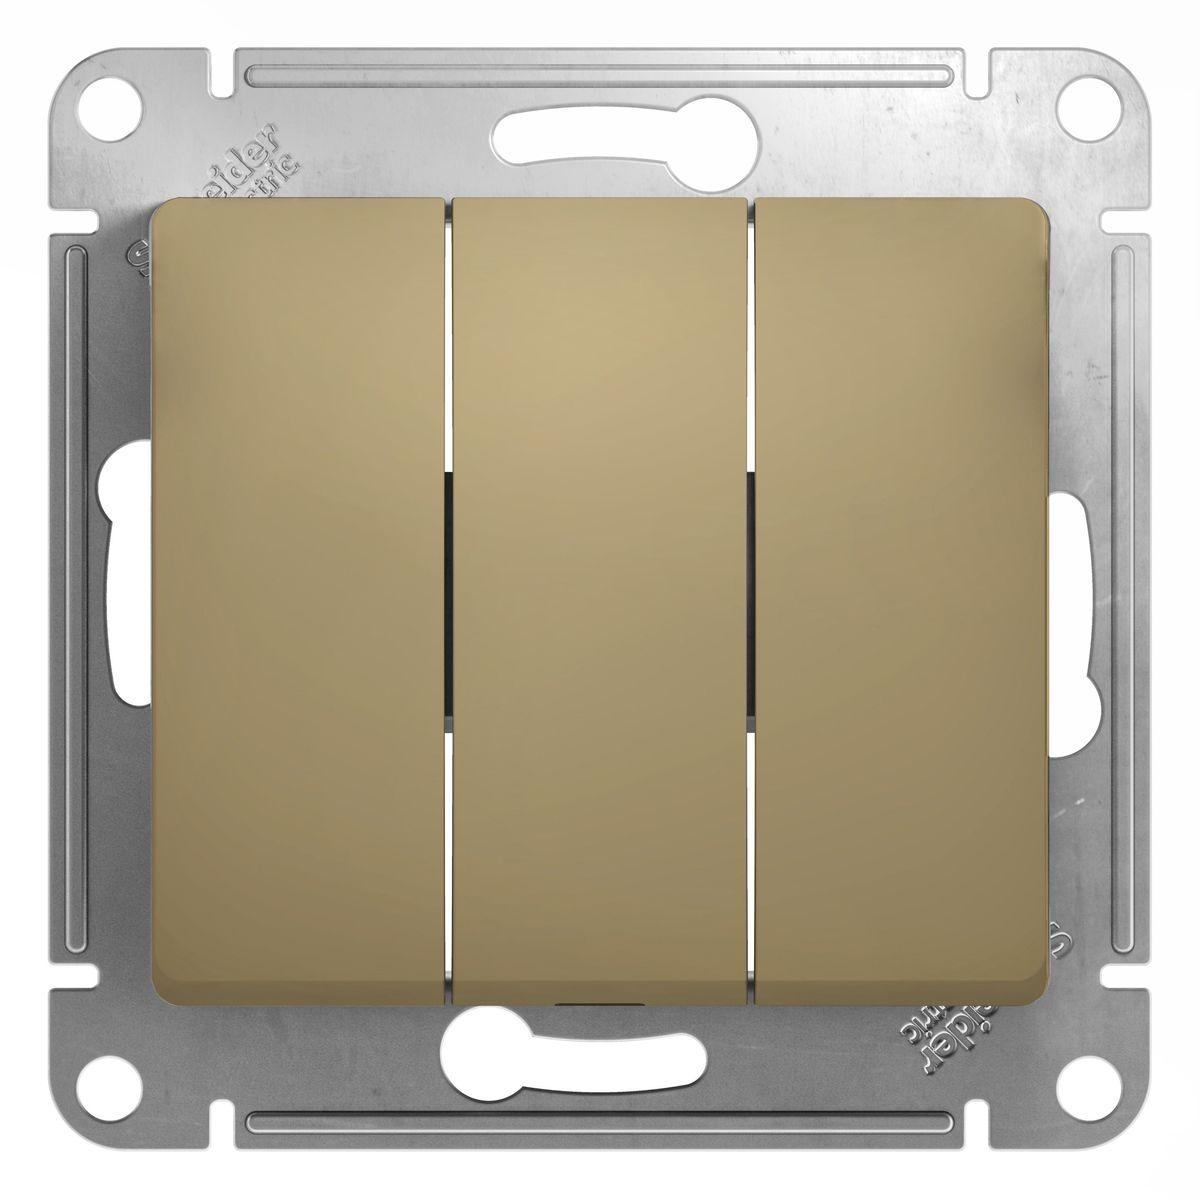 Выключатель Schneider Electric Glossa, тройной, цвет: титанGSL000431Тройной выключатель Schneider Electric Glossa выполнен из прочного пластика и стали. Выключатель имеет специальные фиксаторы, которые не дают ему смещаться как при монтаже, так и в процессе эксплуатации. Винтовые зажимы кабеля обеспечивают надежный монтаж к электросети с помощью отвертки. Такой выключатель станет удачным решением для дома и дачи.